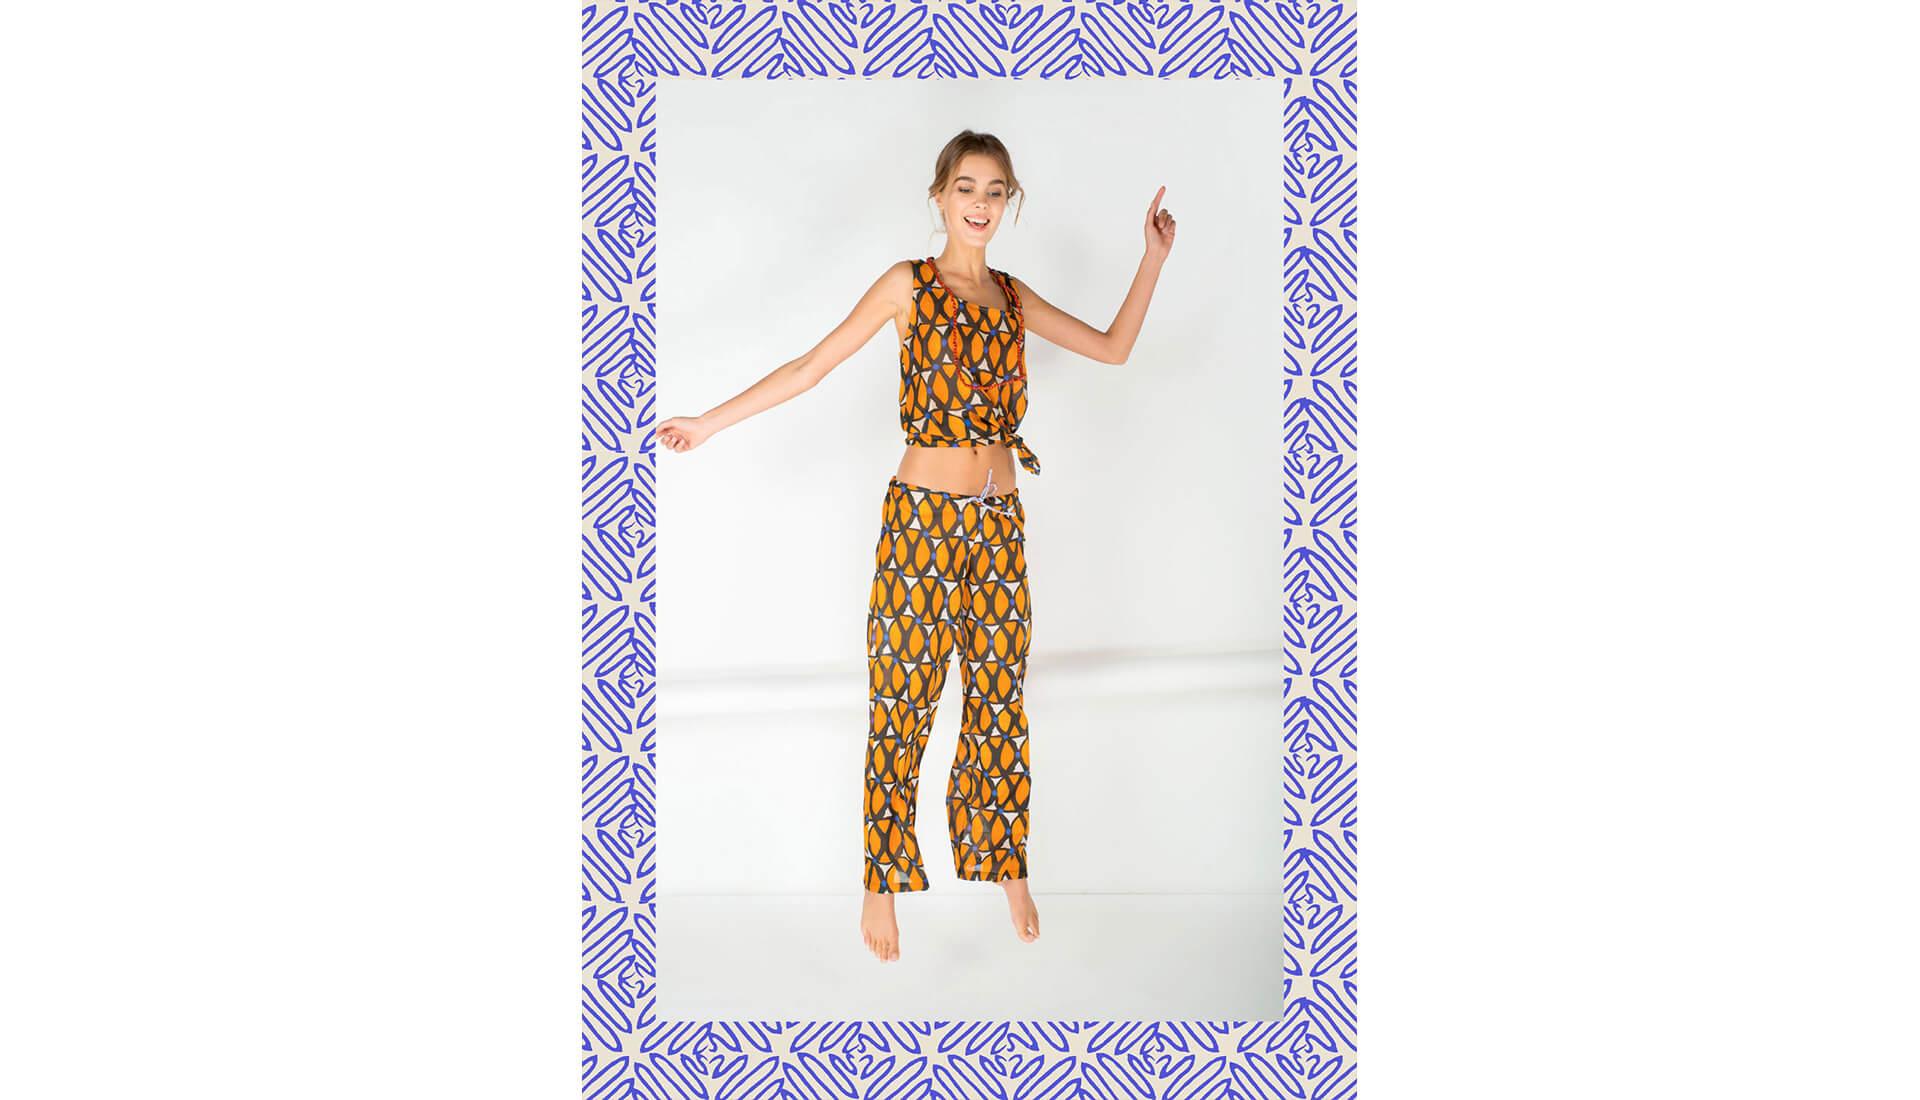 kc-beachwear-portfolio-2